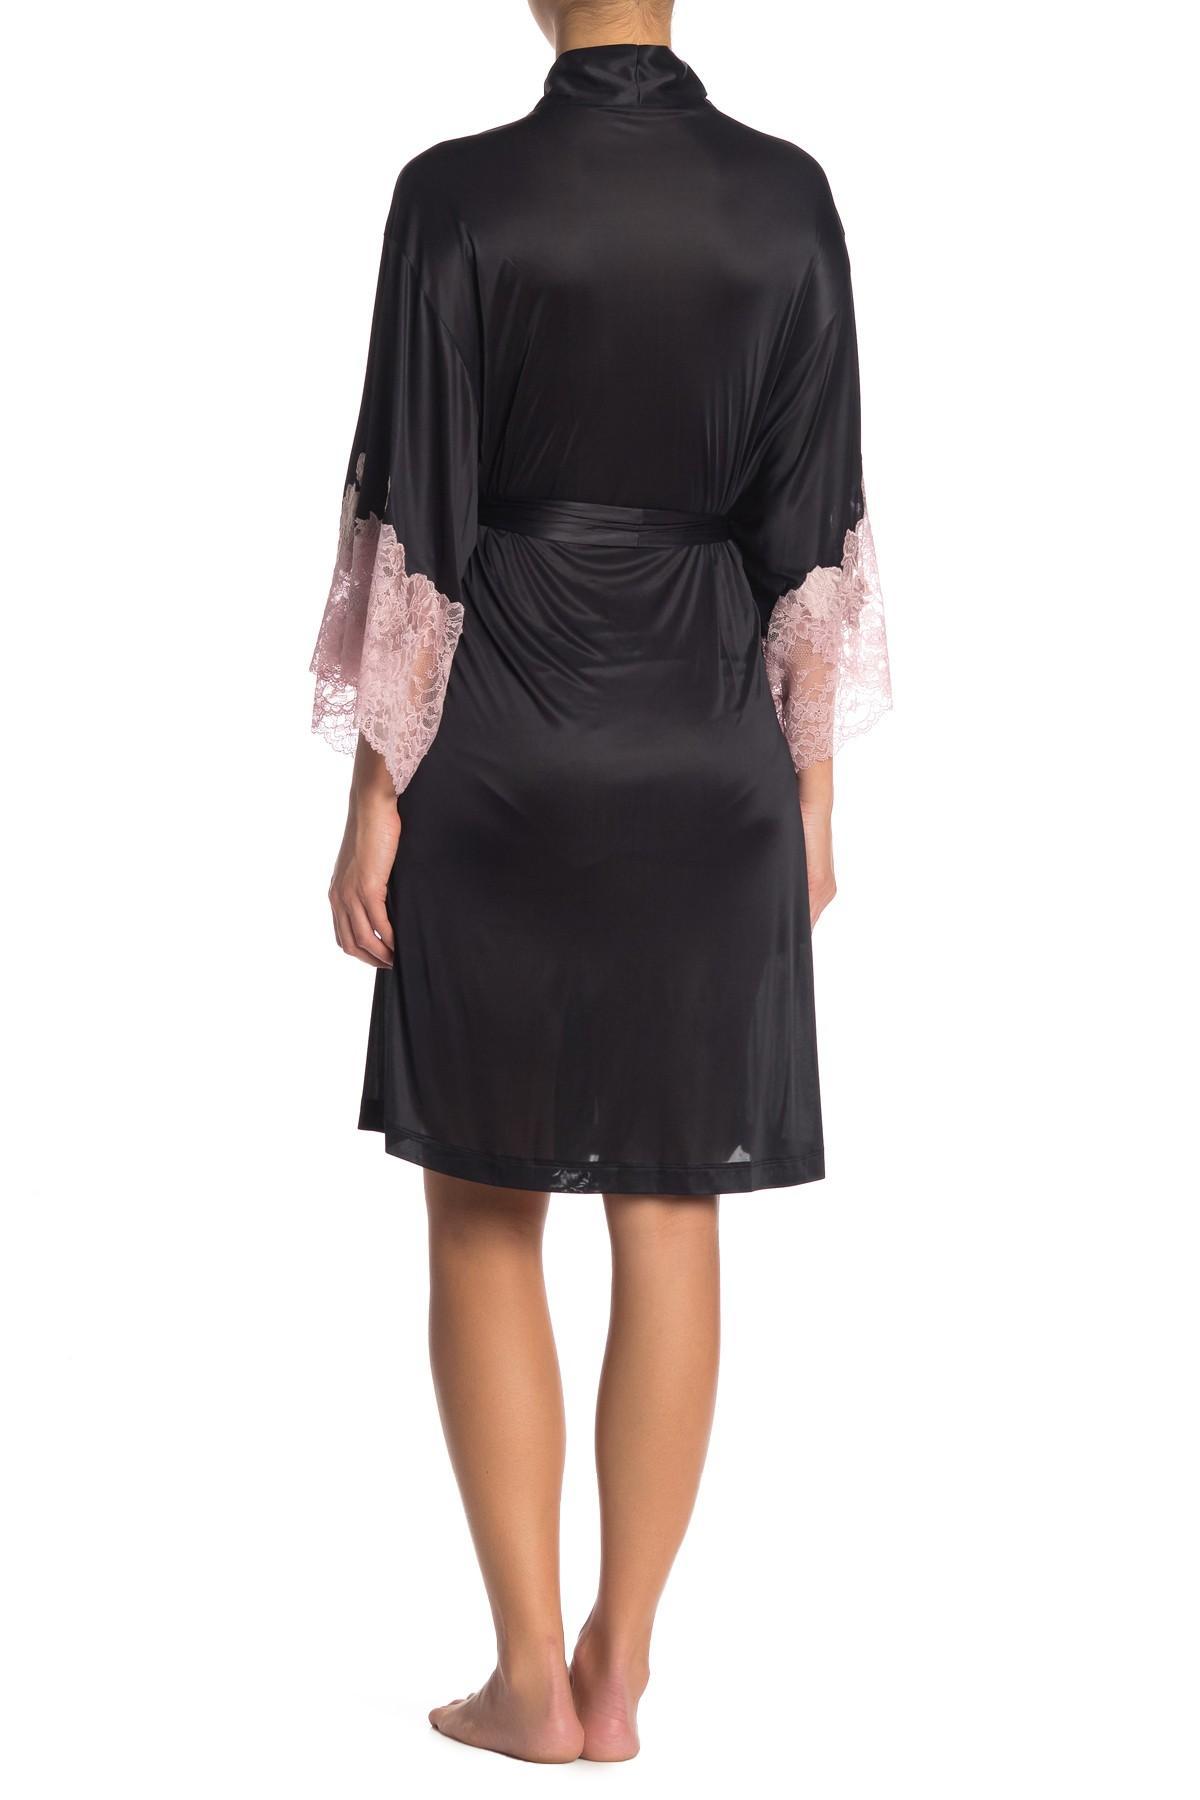 e768e1c71a Josie Natori - Black Lace Cuff Wrap - Lyst. View fullscreen